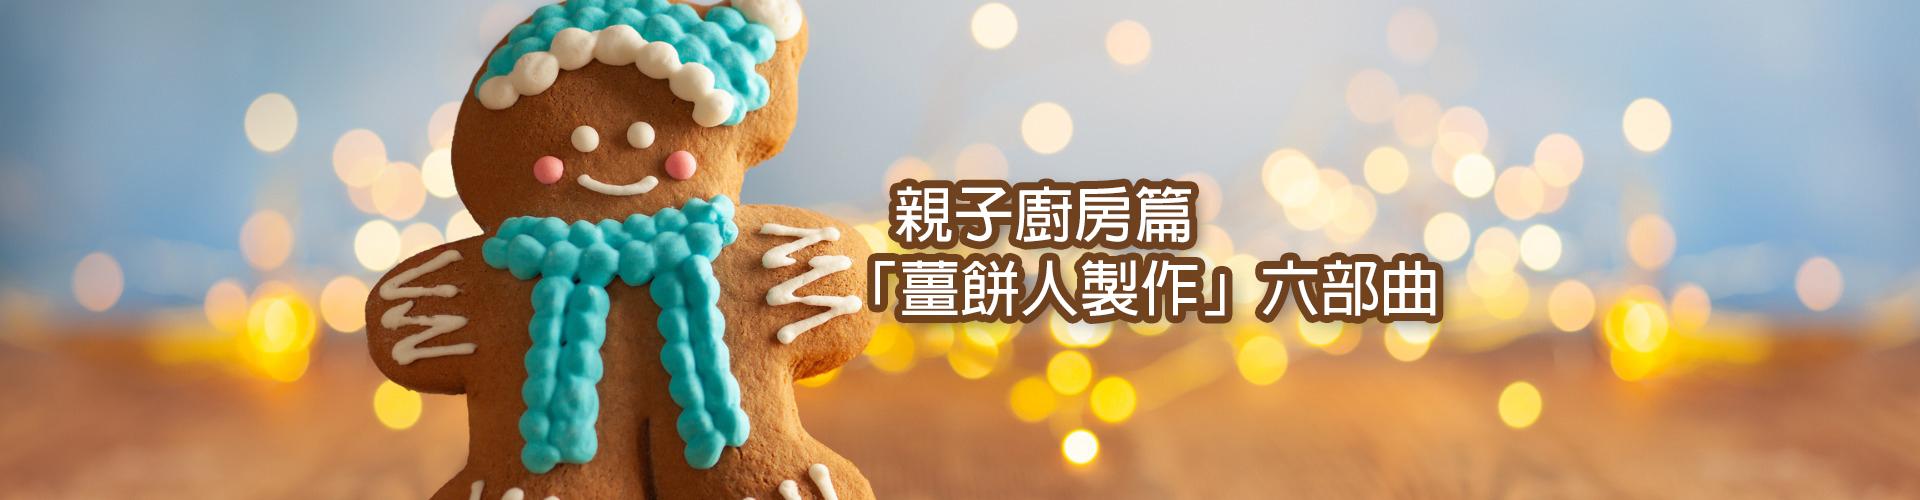 img_親子廚房篇 - 「薑餅人製作」六部曲